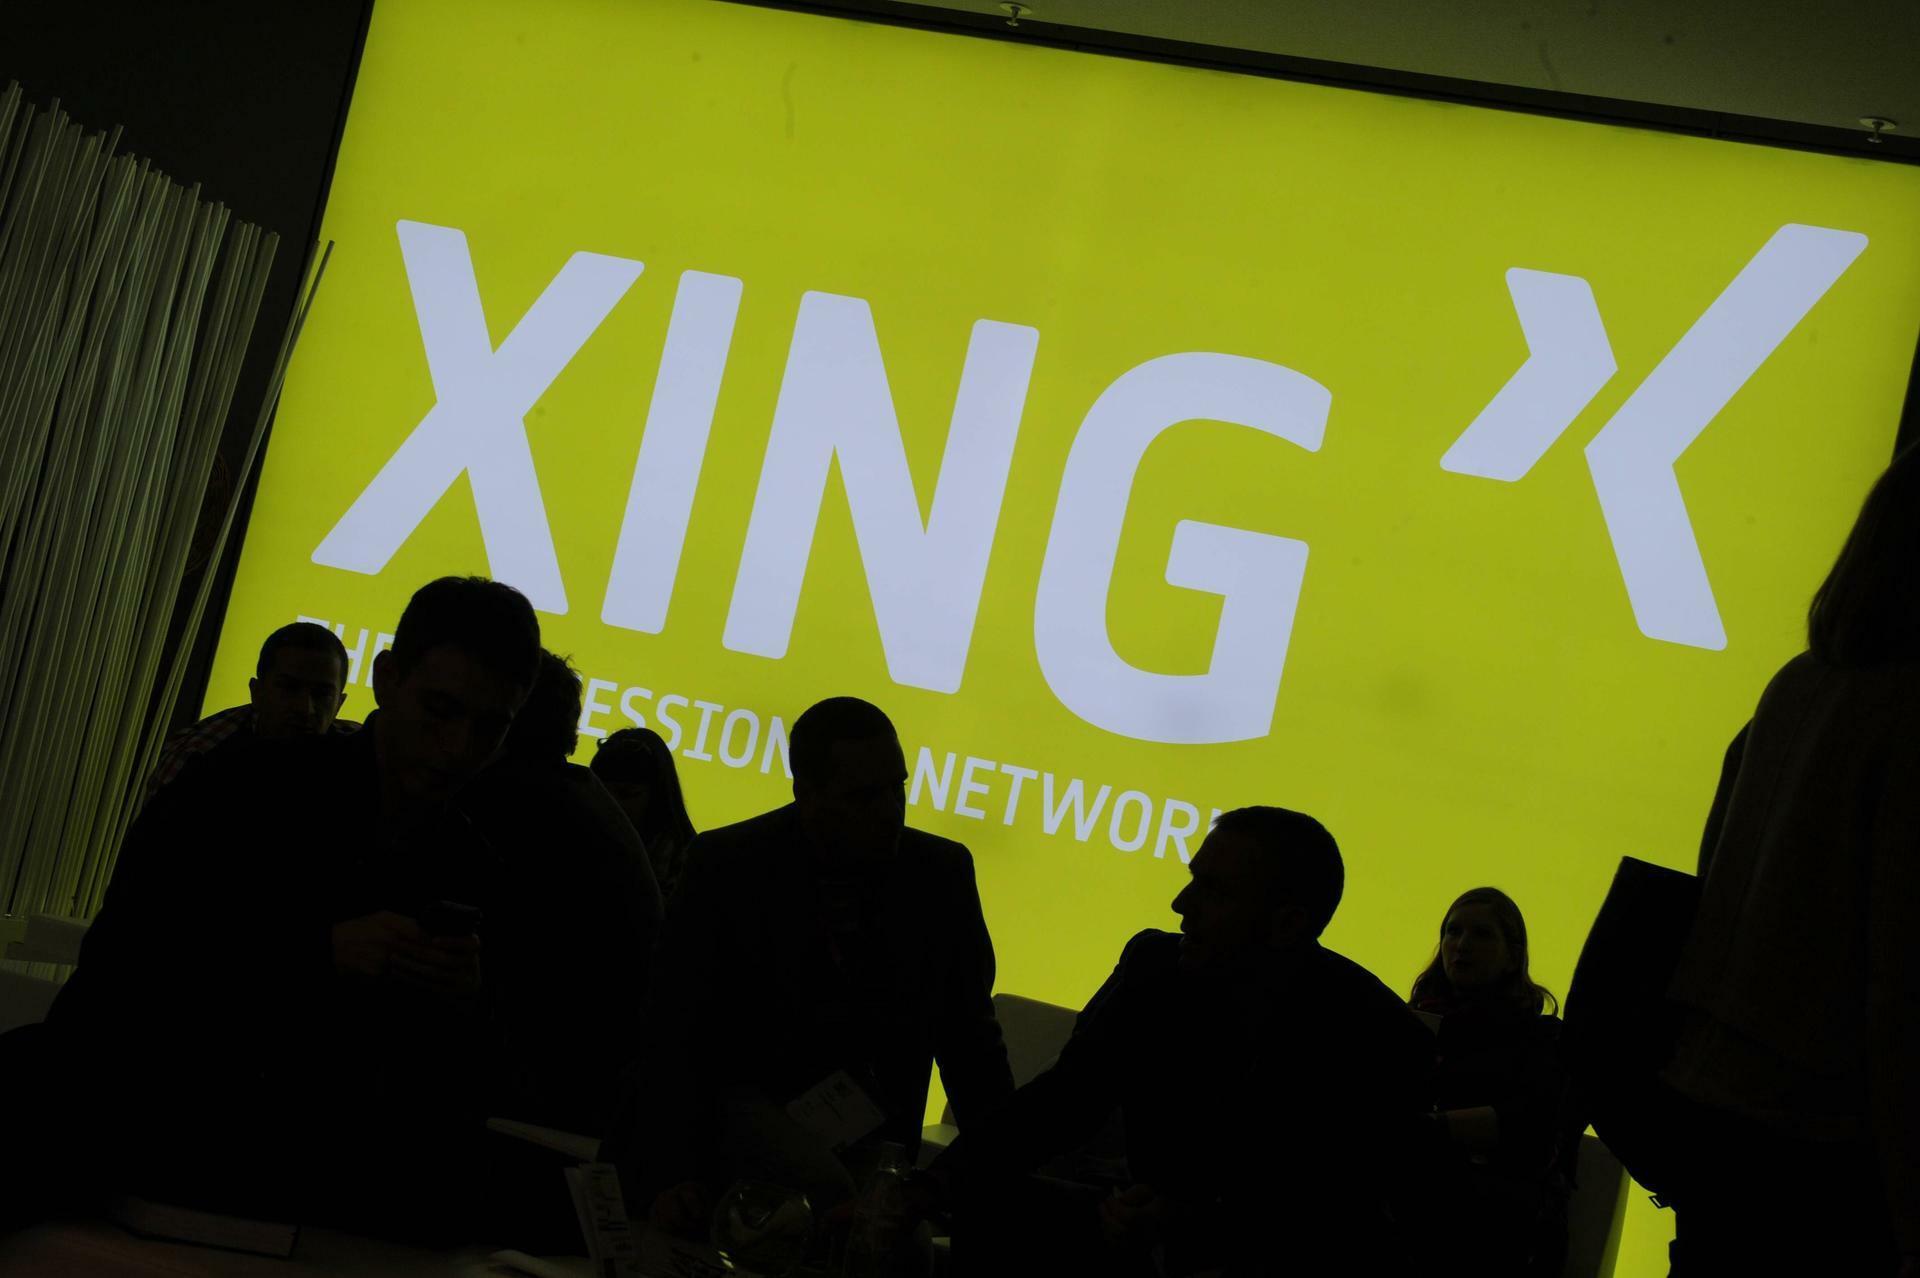 """Xing-Chef Vollmoeller: """"Wir können 25 Millionen Mitglieder erreichen"""""""